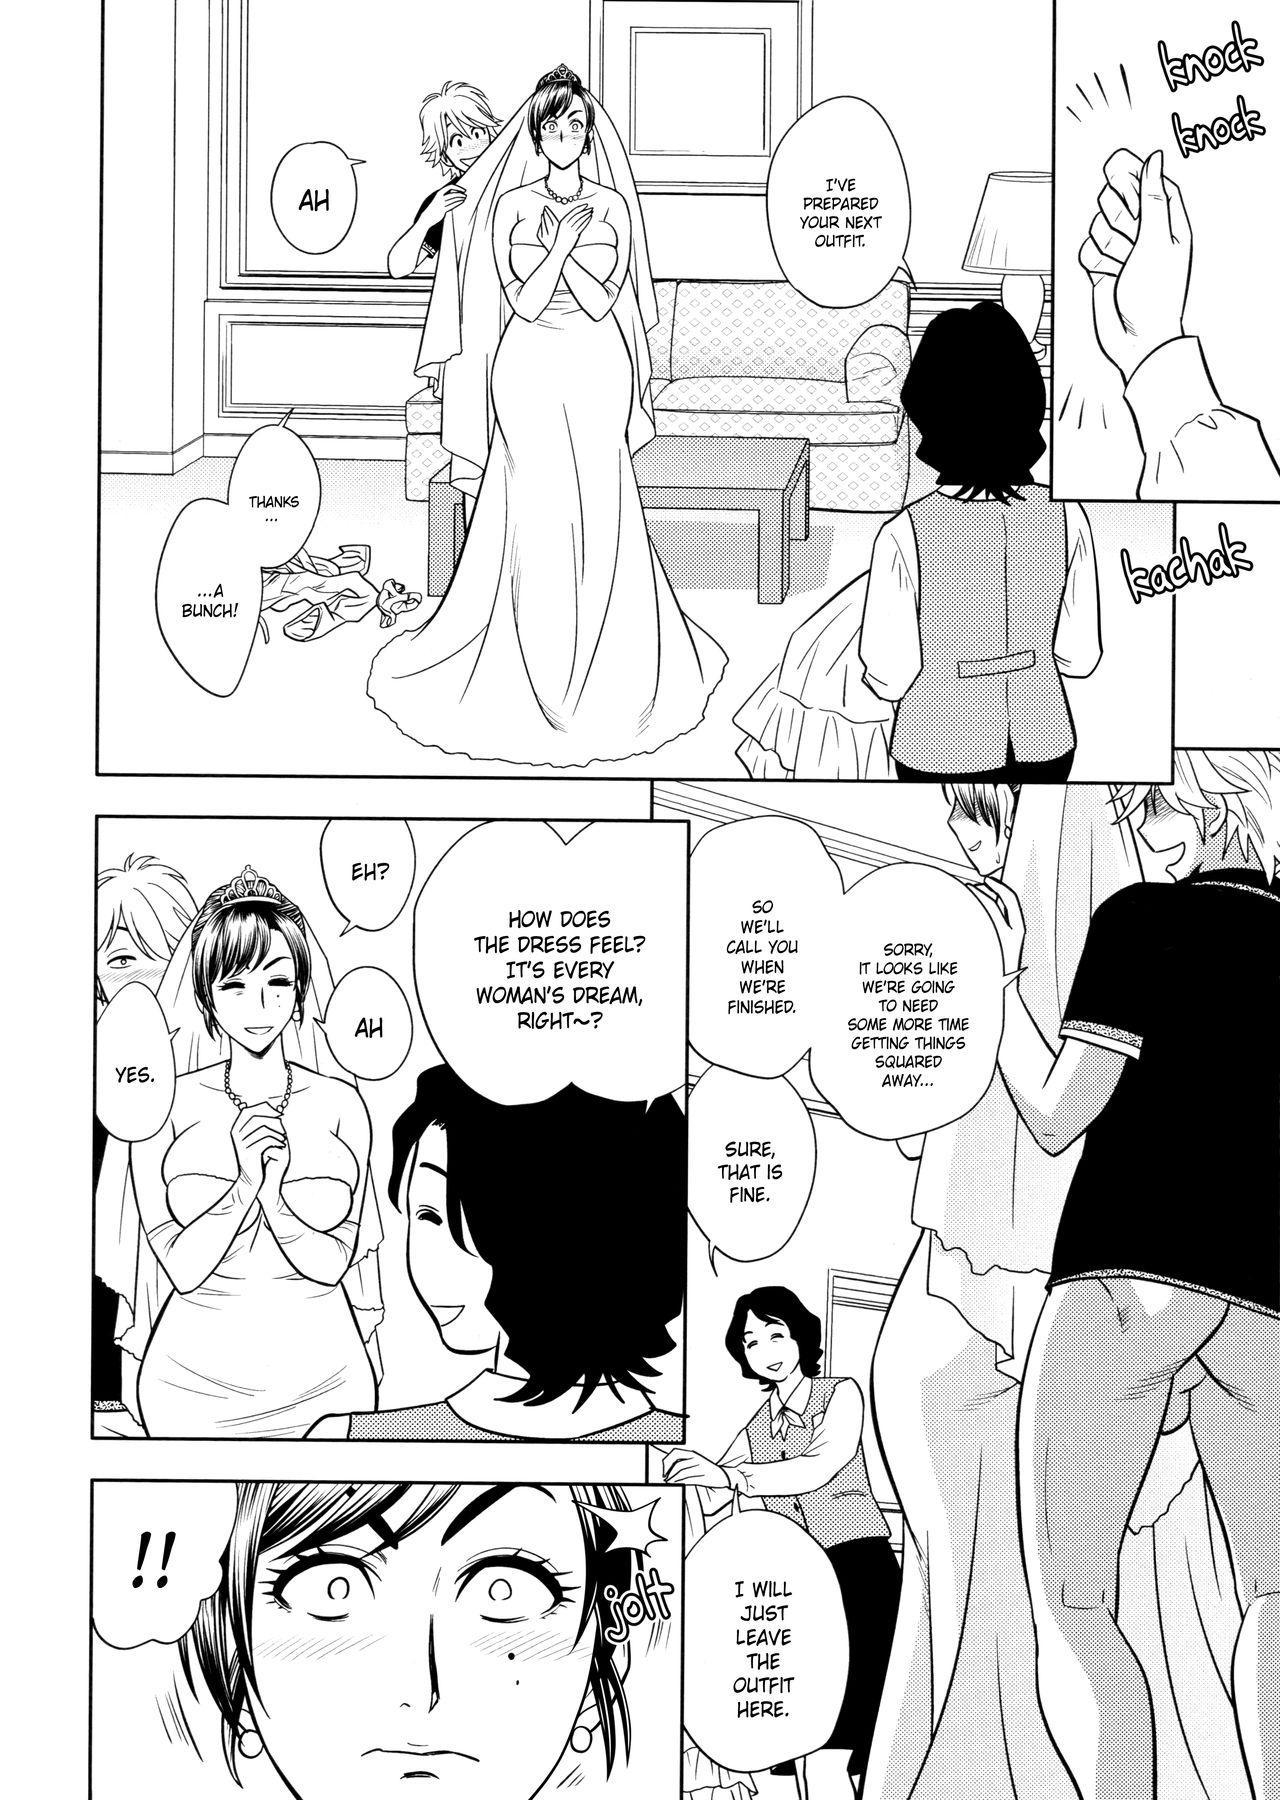 [Tatsunami Youtoku, Yamazaki Masato] Bijin Henshuu-chou no Himitsu | Beautiful Editor-in-Chief's Secret Ch. 1-5 [English] [Forbiddenfetish77, Red Vodka, Crystalium] [Decensored] 93